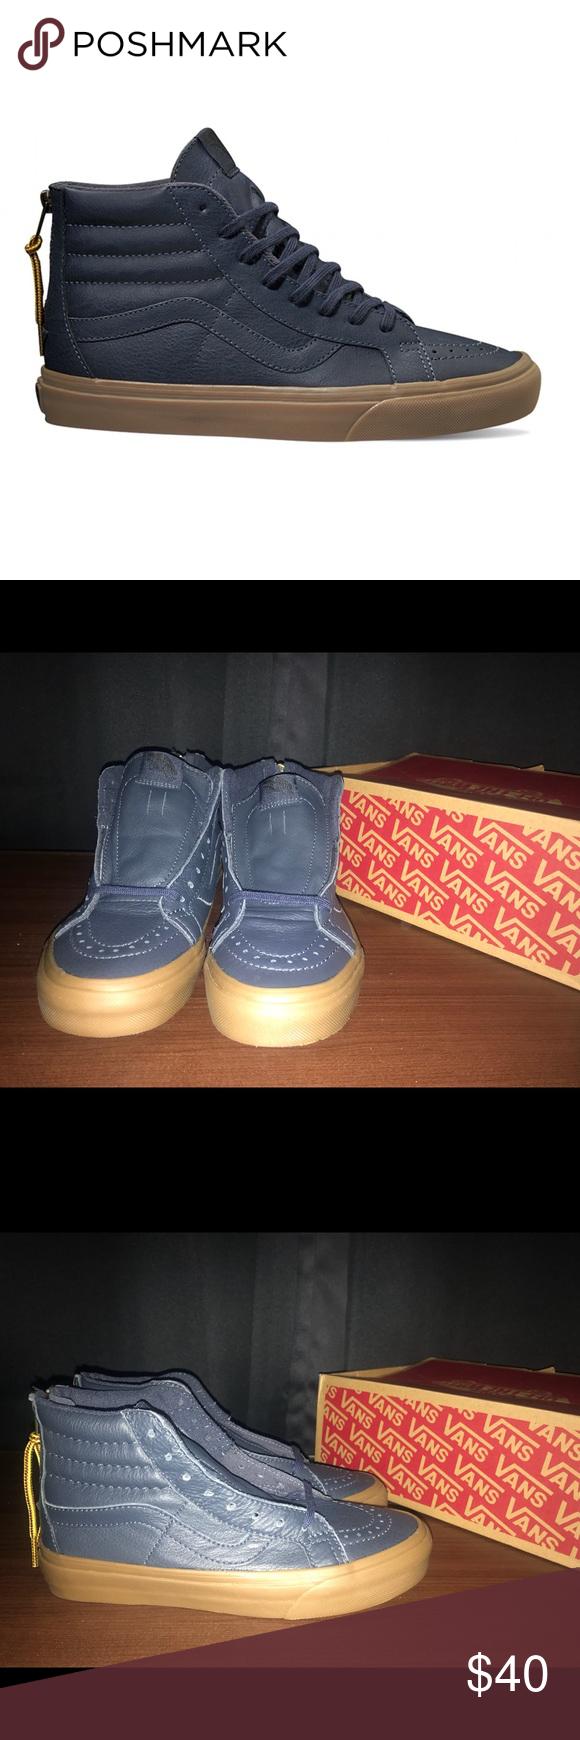 752b92c2ce Vans Sk8-Hi Reissue ZIP Vans Sk8-Hi Reissue Zip (hiking) Leather Navy Gum  Women Sz 6.5 New w original box Vans Shoes